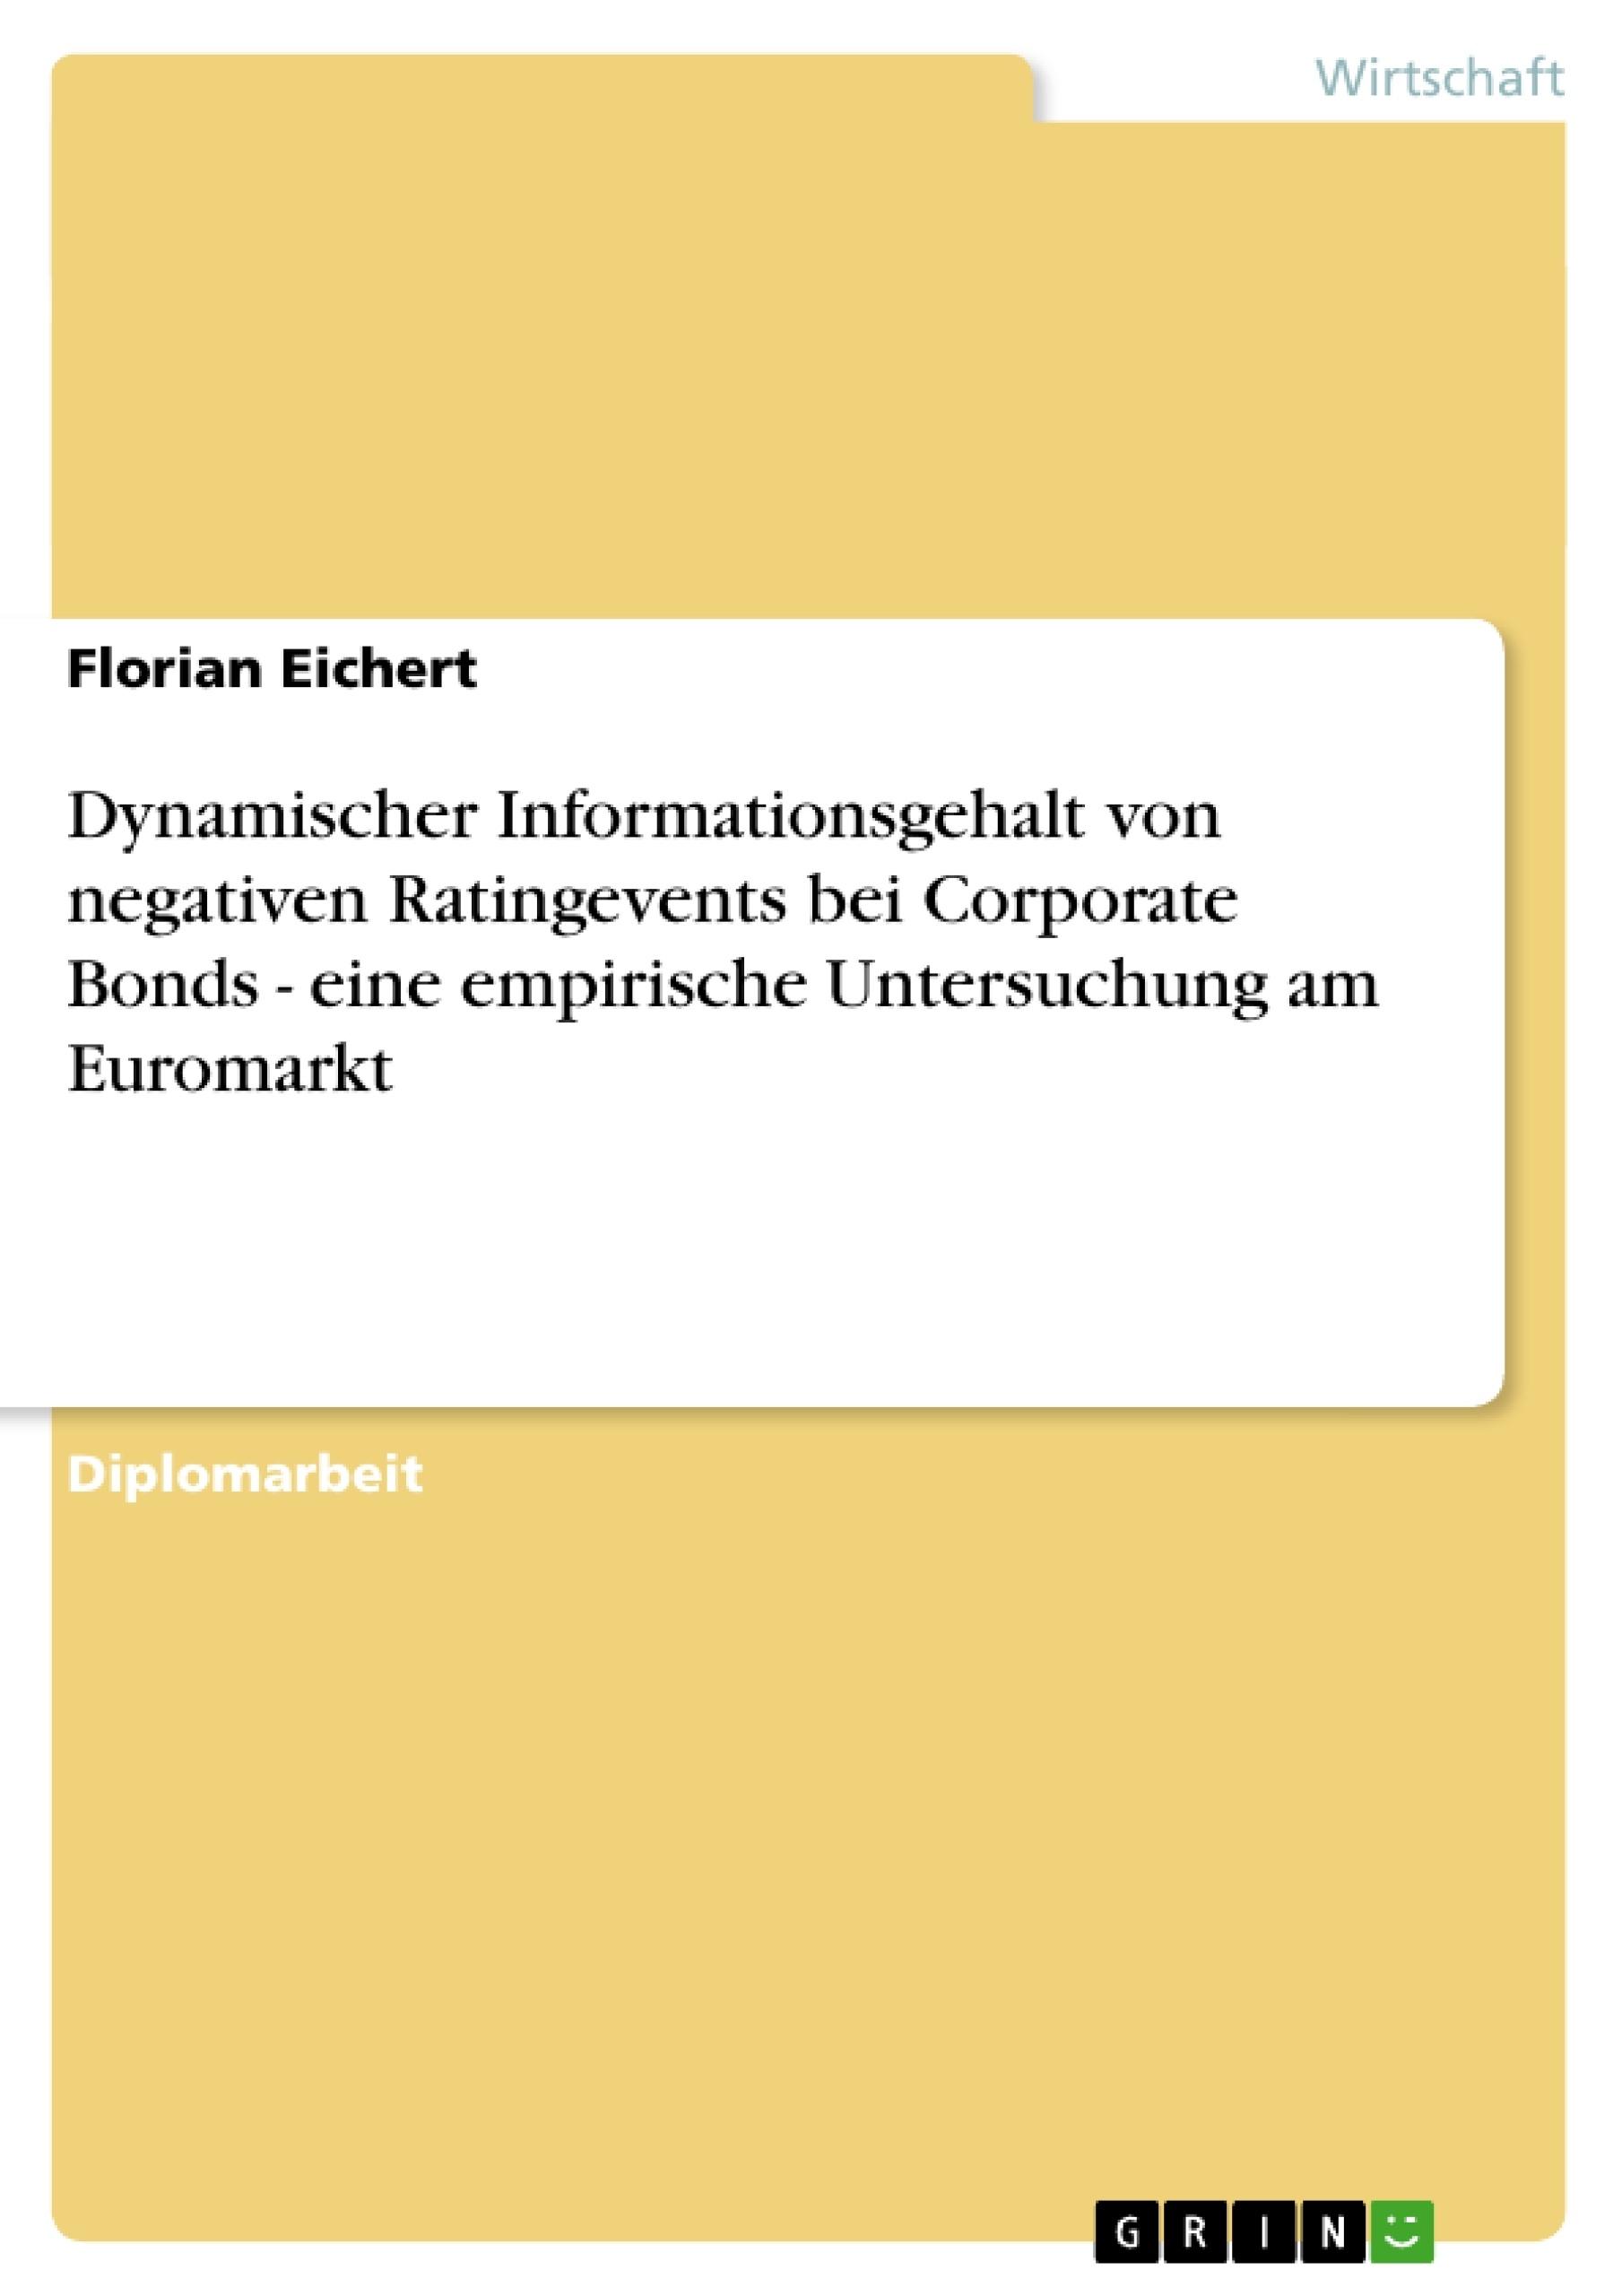 Titel: Dynamischer Informationsgehalt von negativen Ratingevents bei Corporate Bonds - eine empirische Untersuchung am Euromarkt